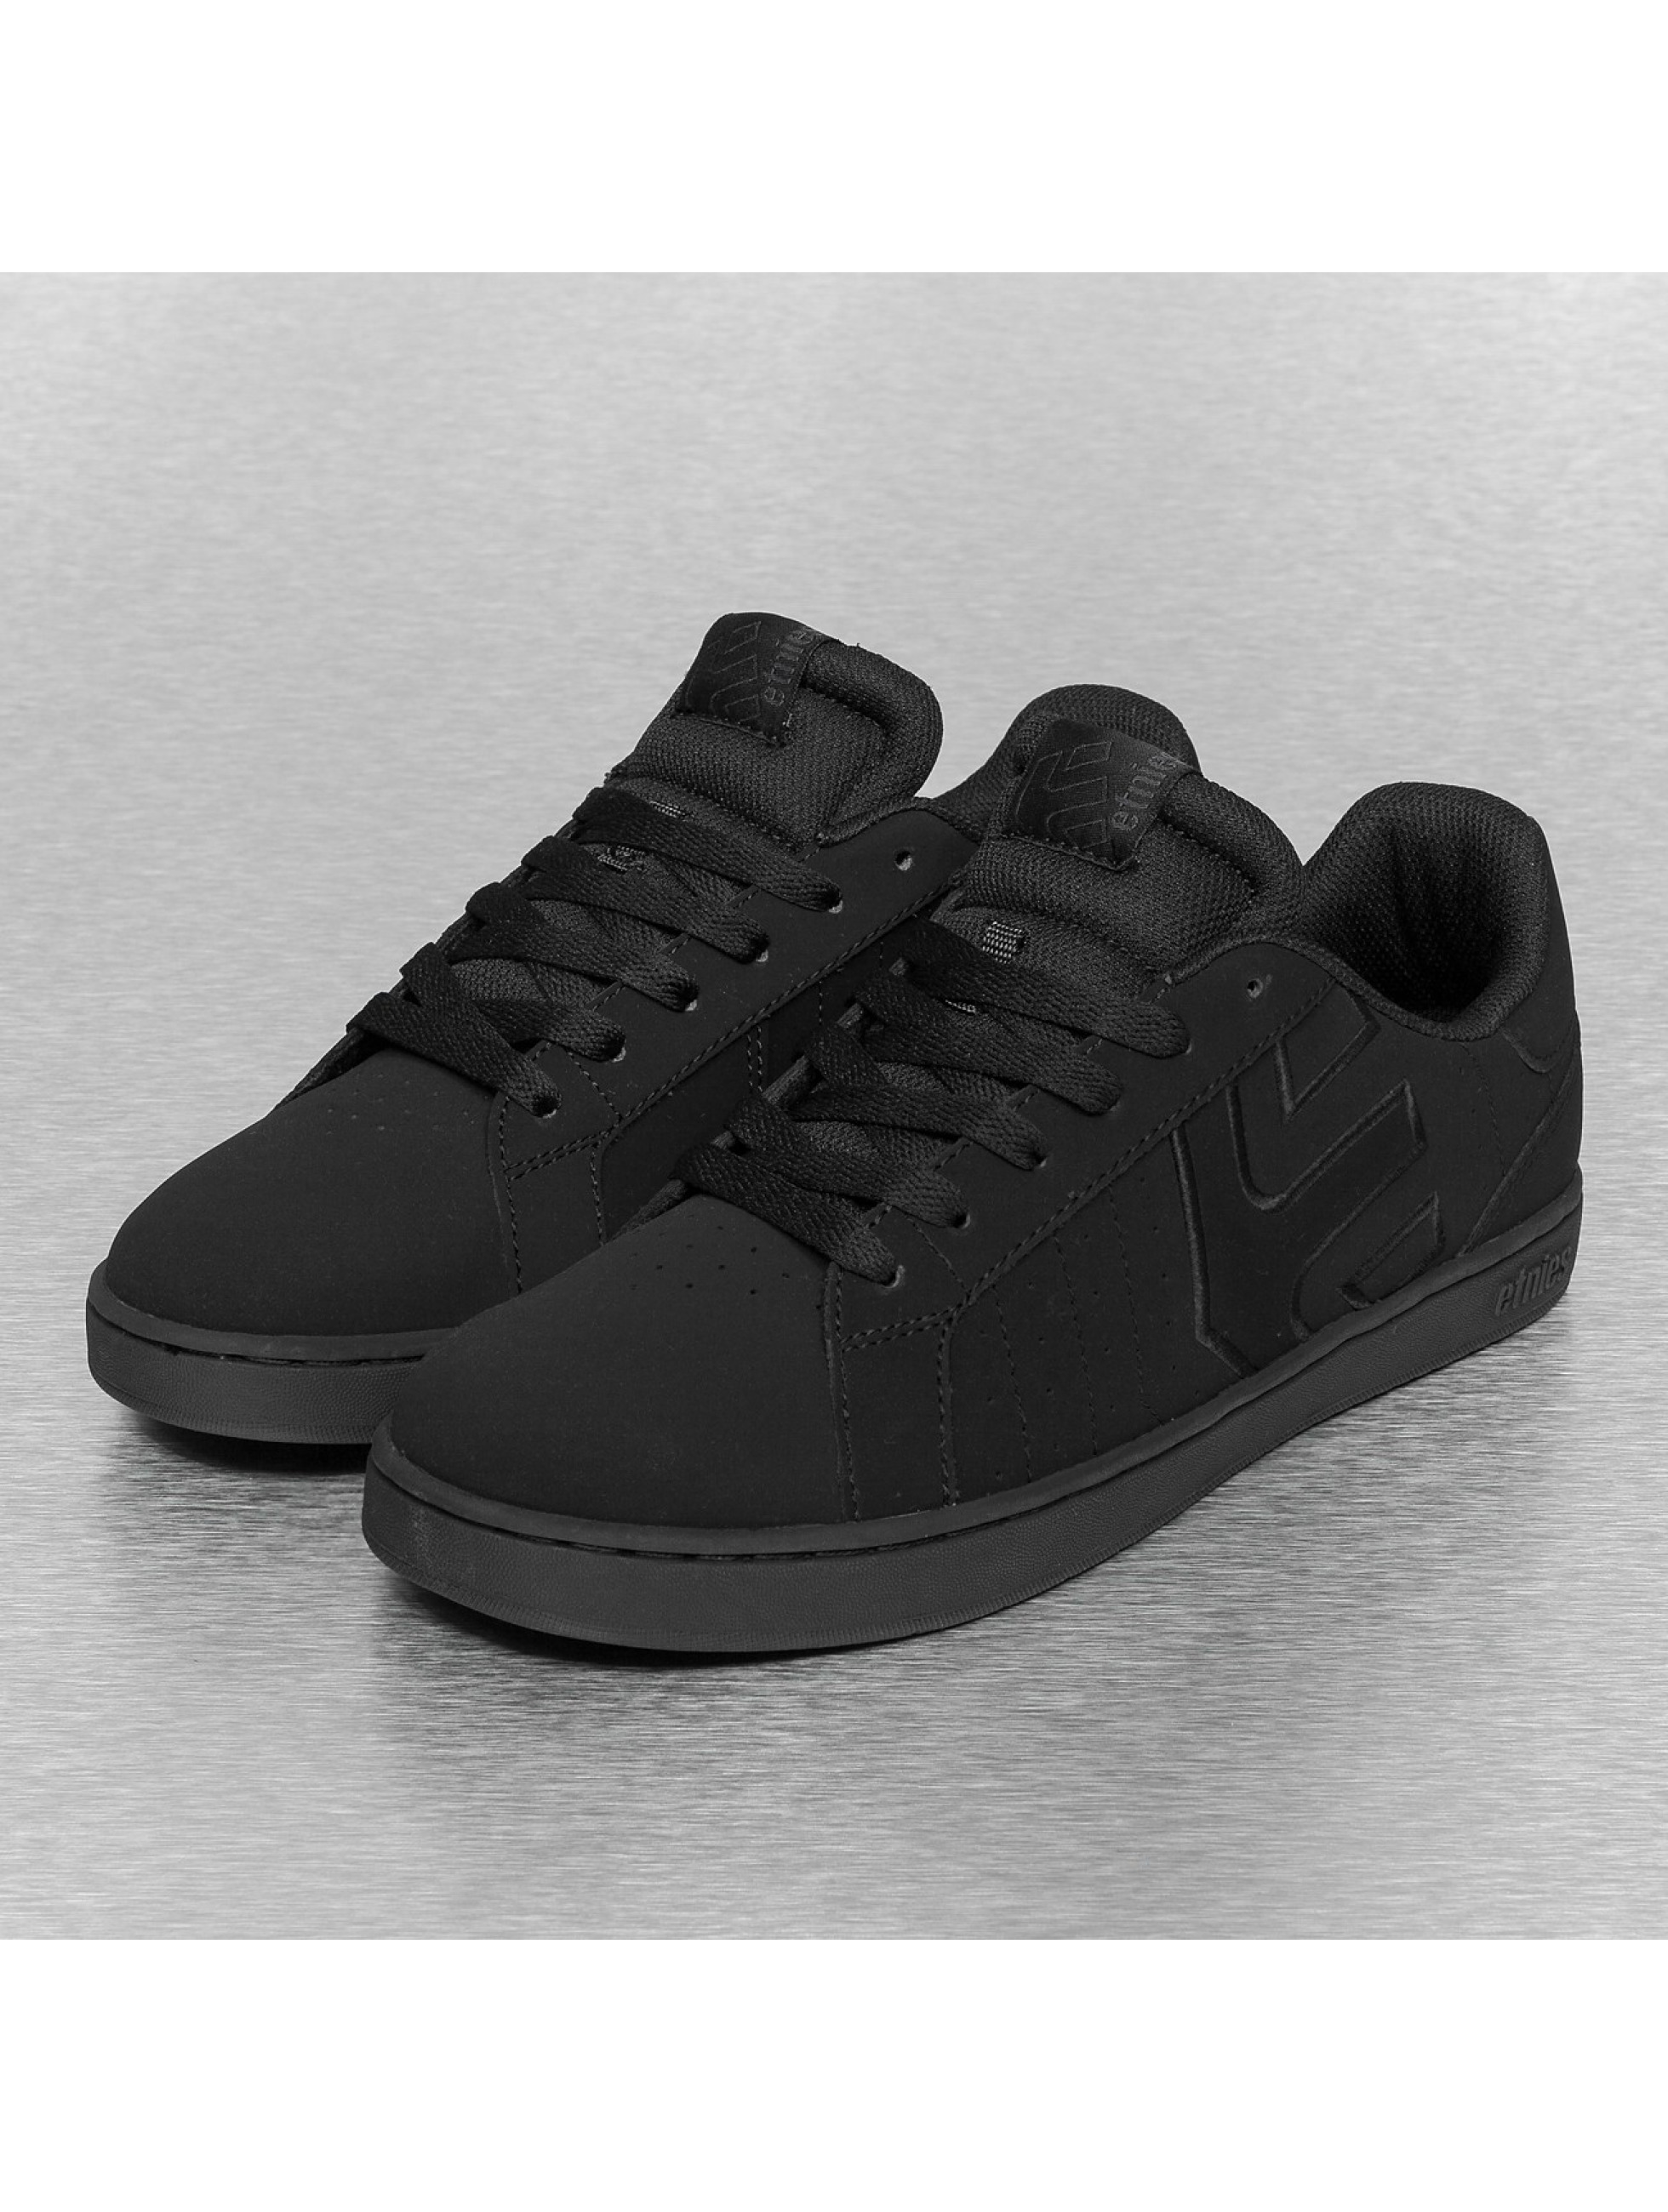 Etnies Fader LS Sneakers Black/Black/Black Sale Angebote Döbern